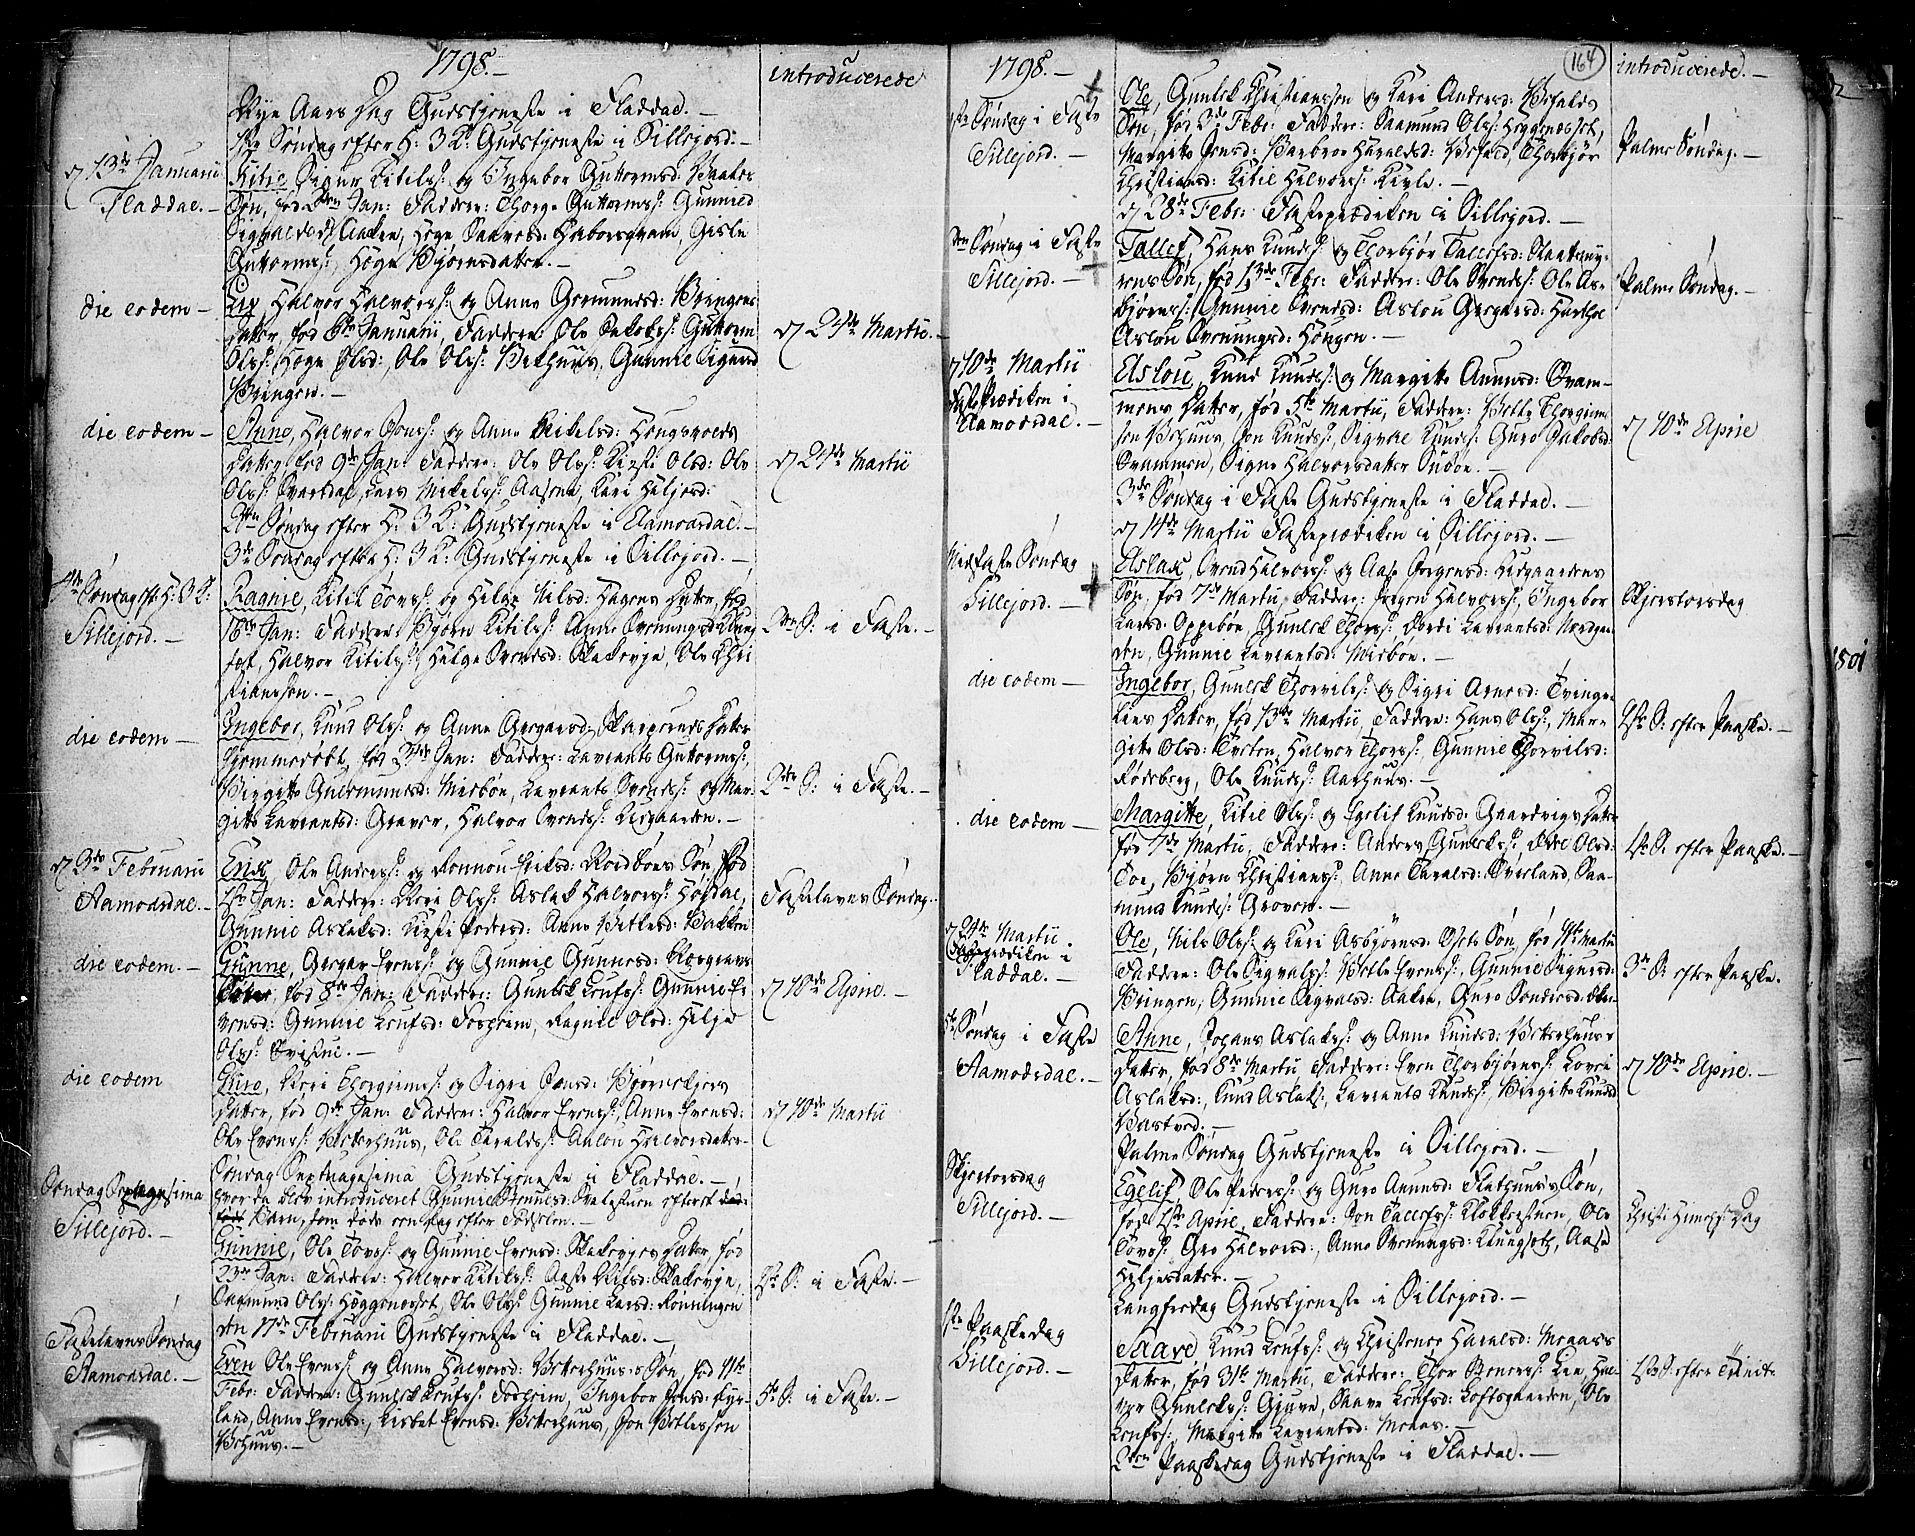 SAKO, Seljord kirkebøker, F/Fa/L0007: Ministerialbok nr. I 7, 1755-1800, s. 164